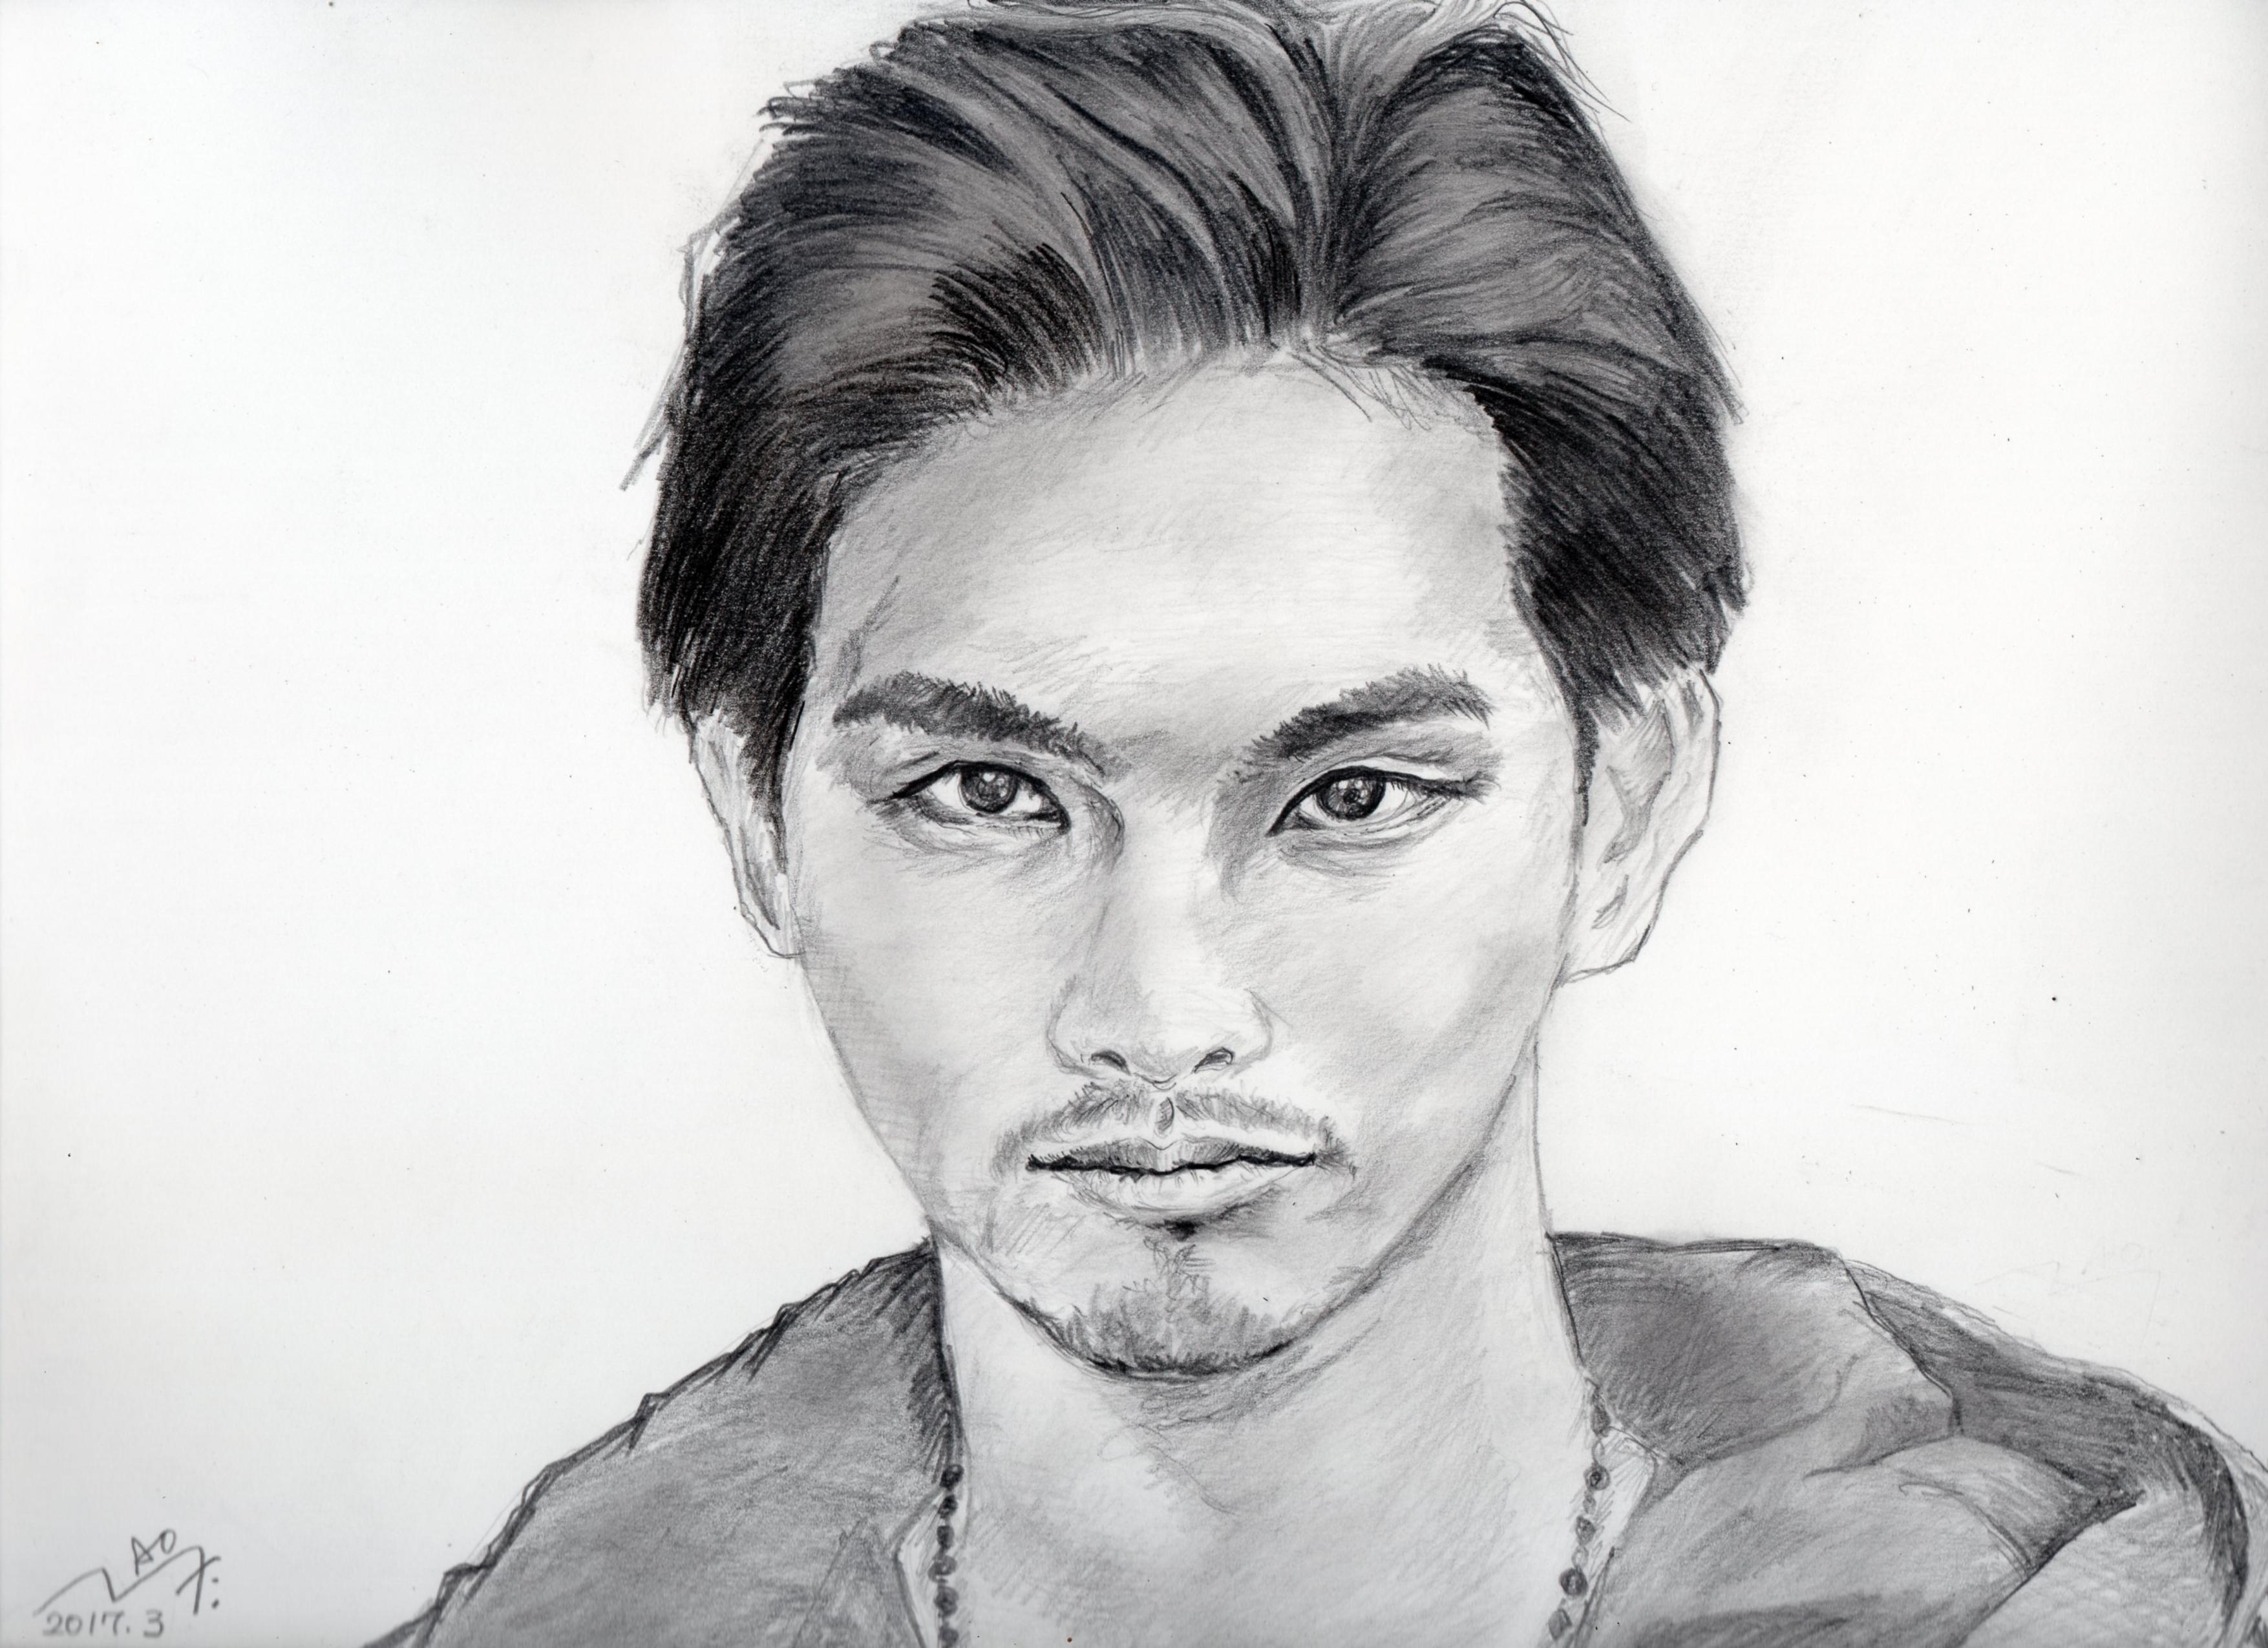 柳楽優弥の鉛筆画似顔絵